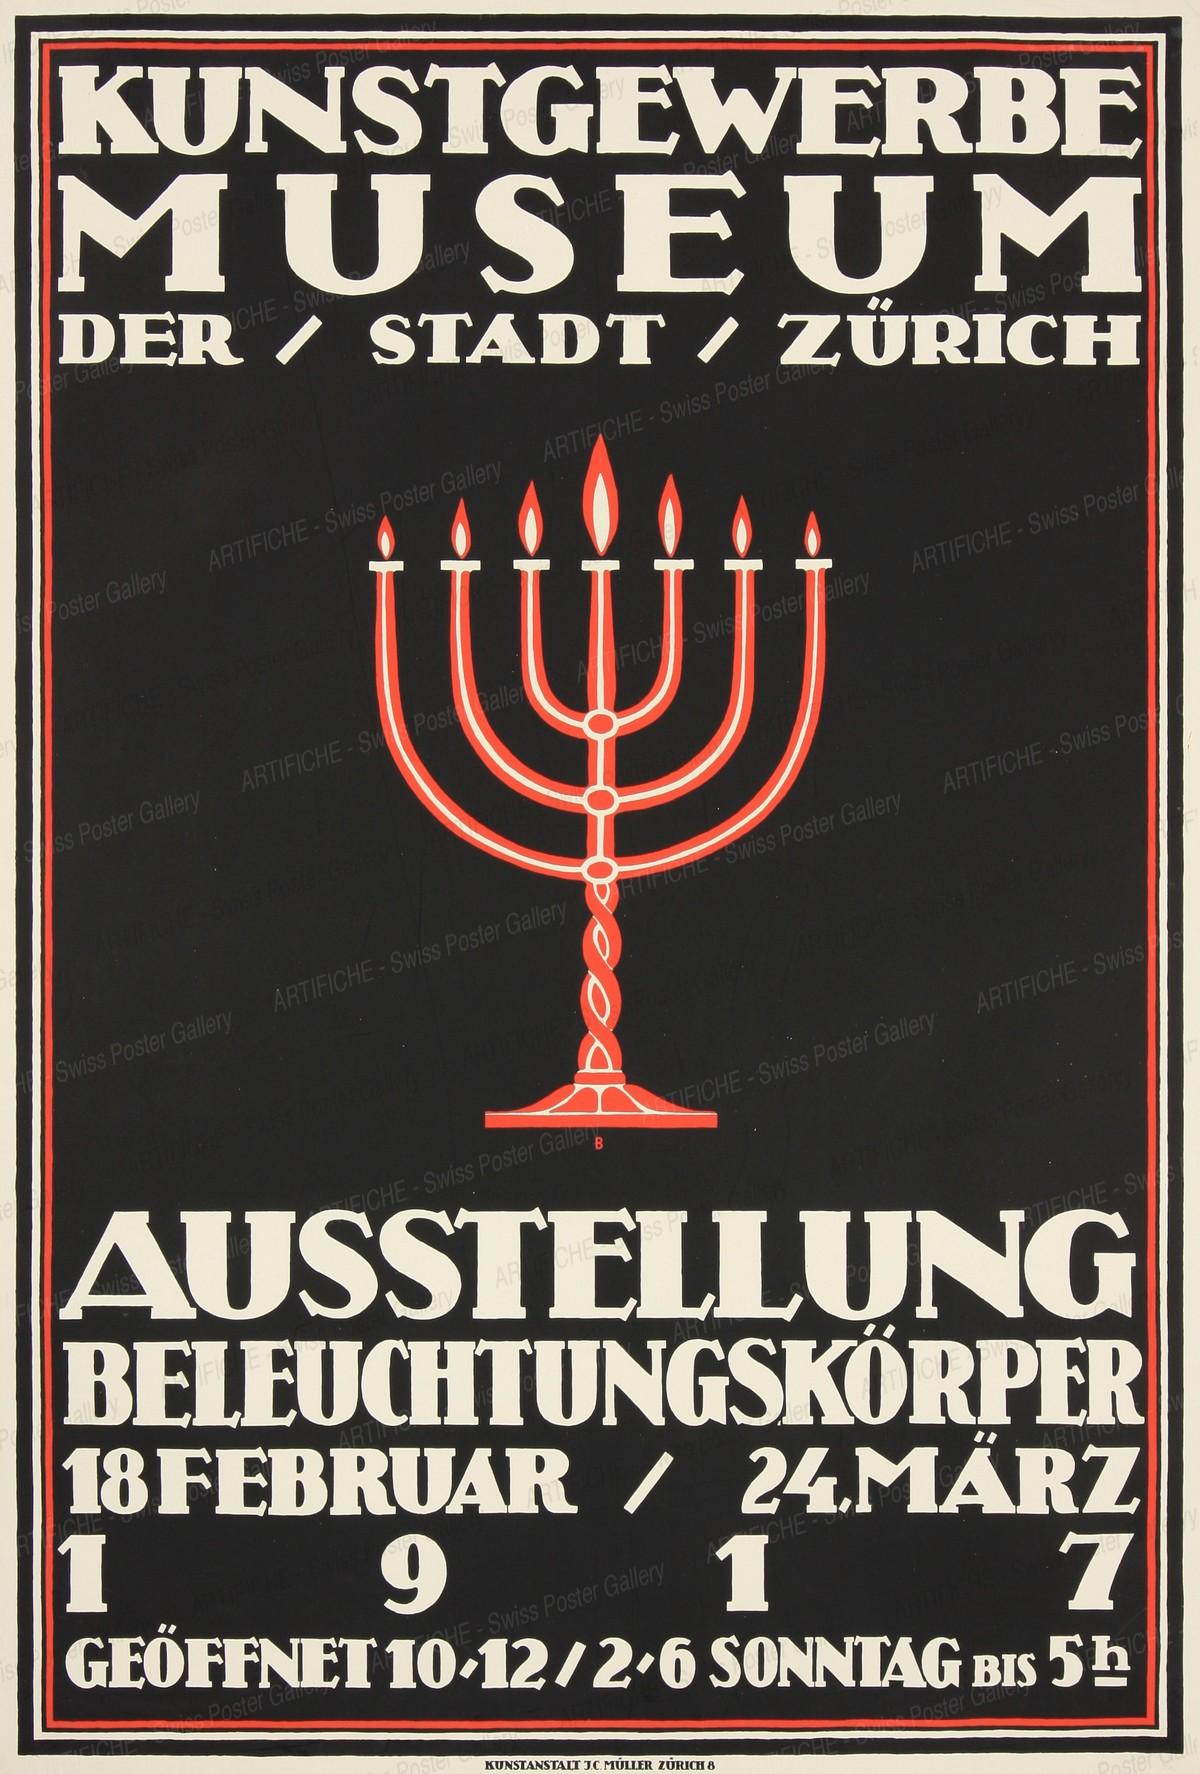 Kunstgewerbemuseum der Stadt Zürich -Ausstellung Beleuchtungskörper, Otto Baumberger